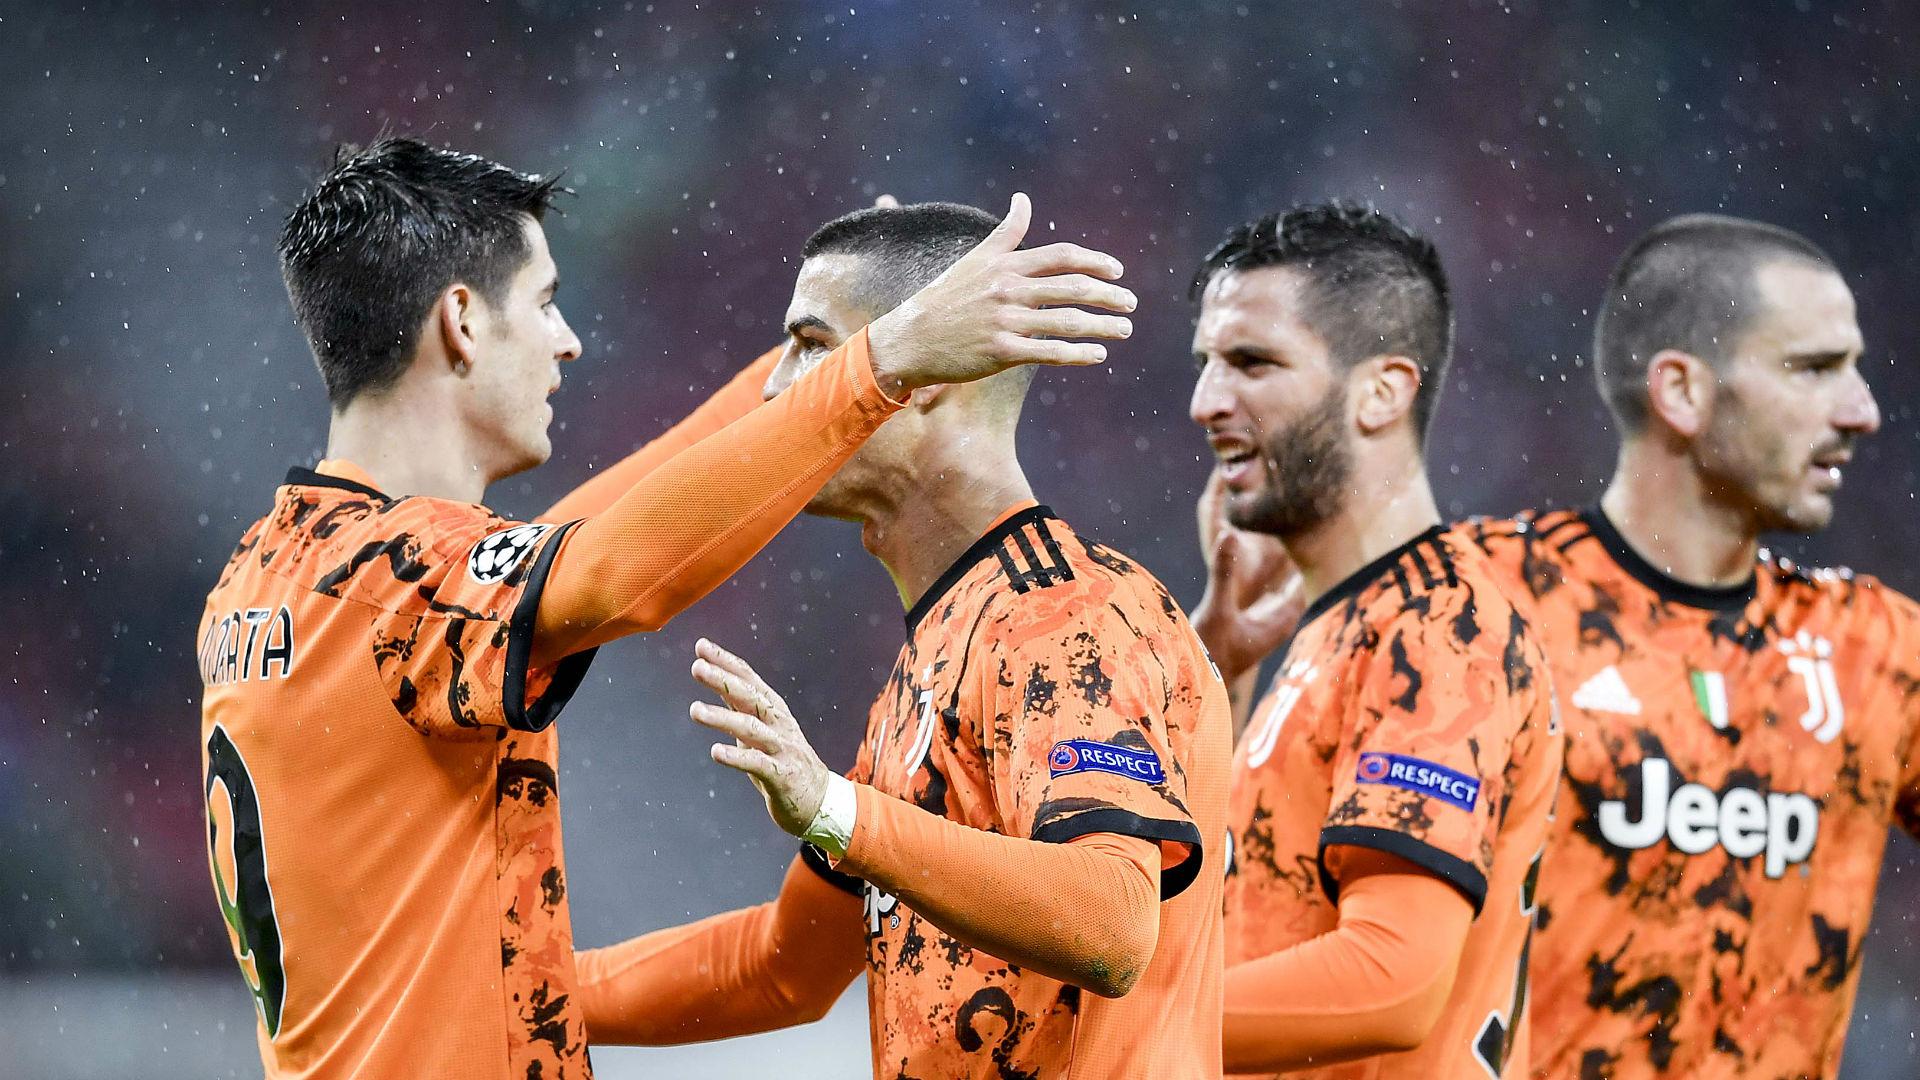 Ferencvaros V Juventus Match Report 04 11 2020 Uefa Champions League Goal Com